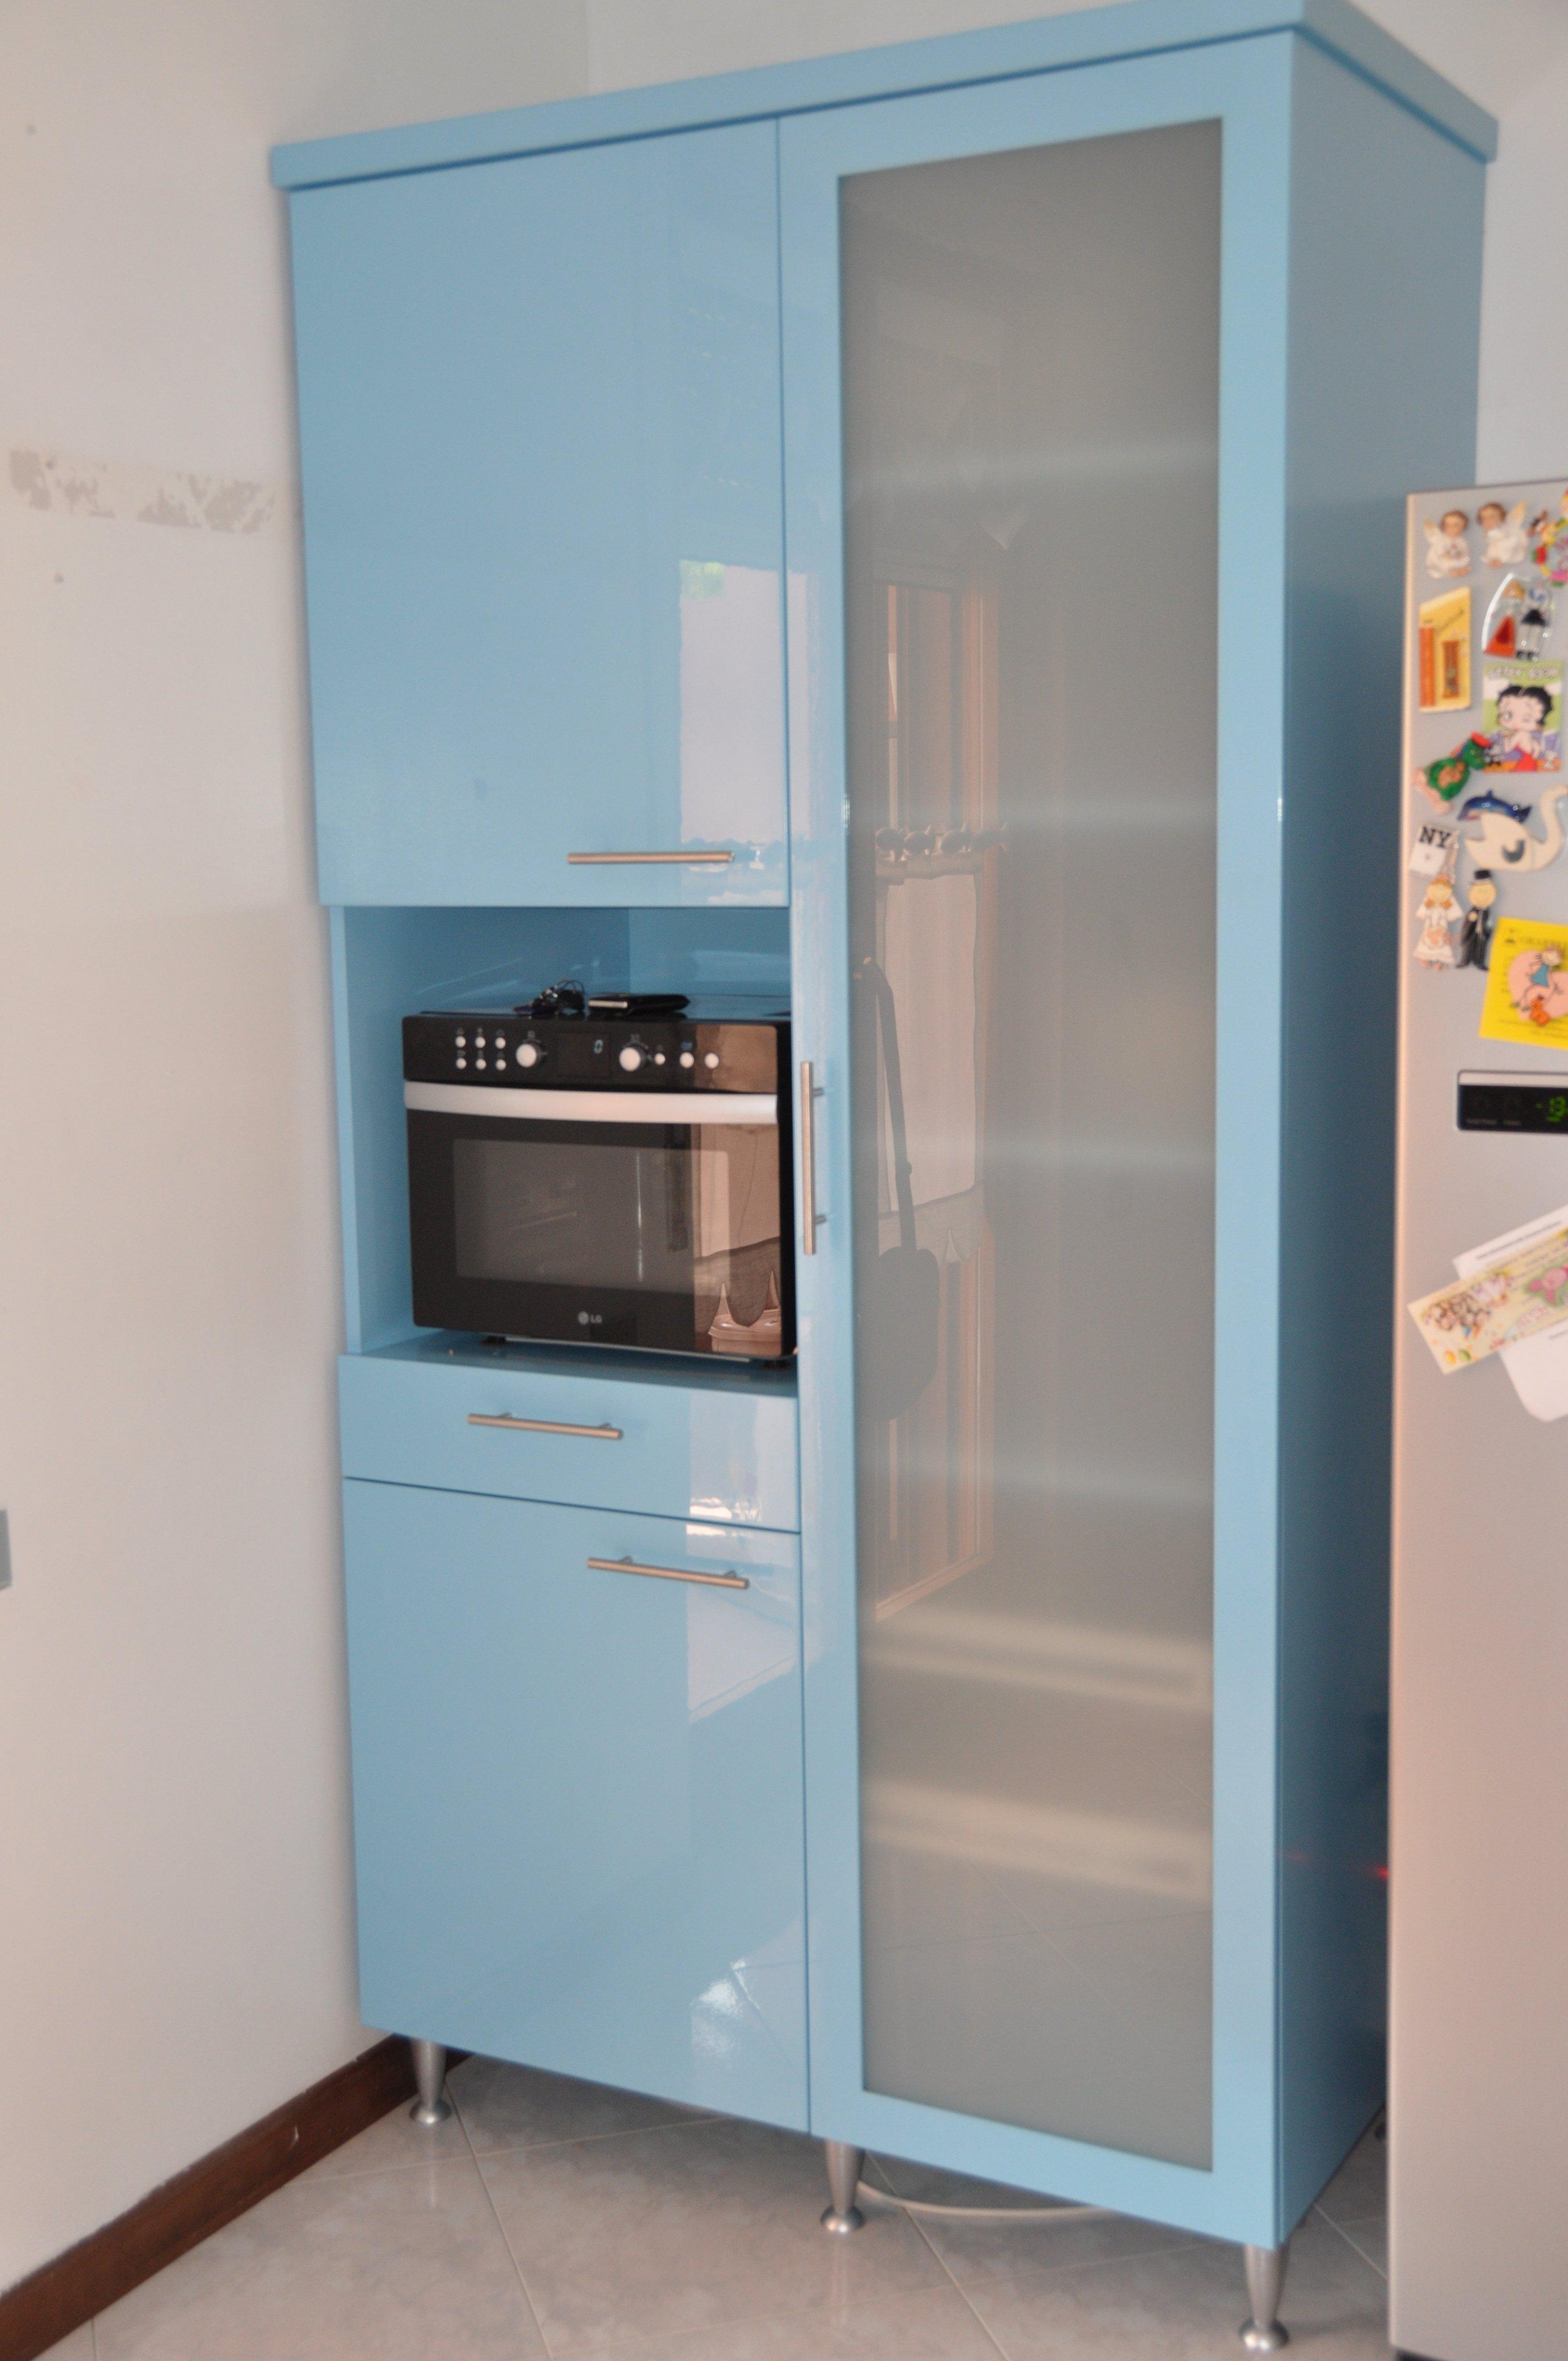 Scomparto di un mobile da cucina con forno a microonde